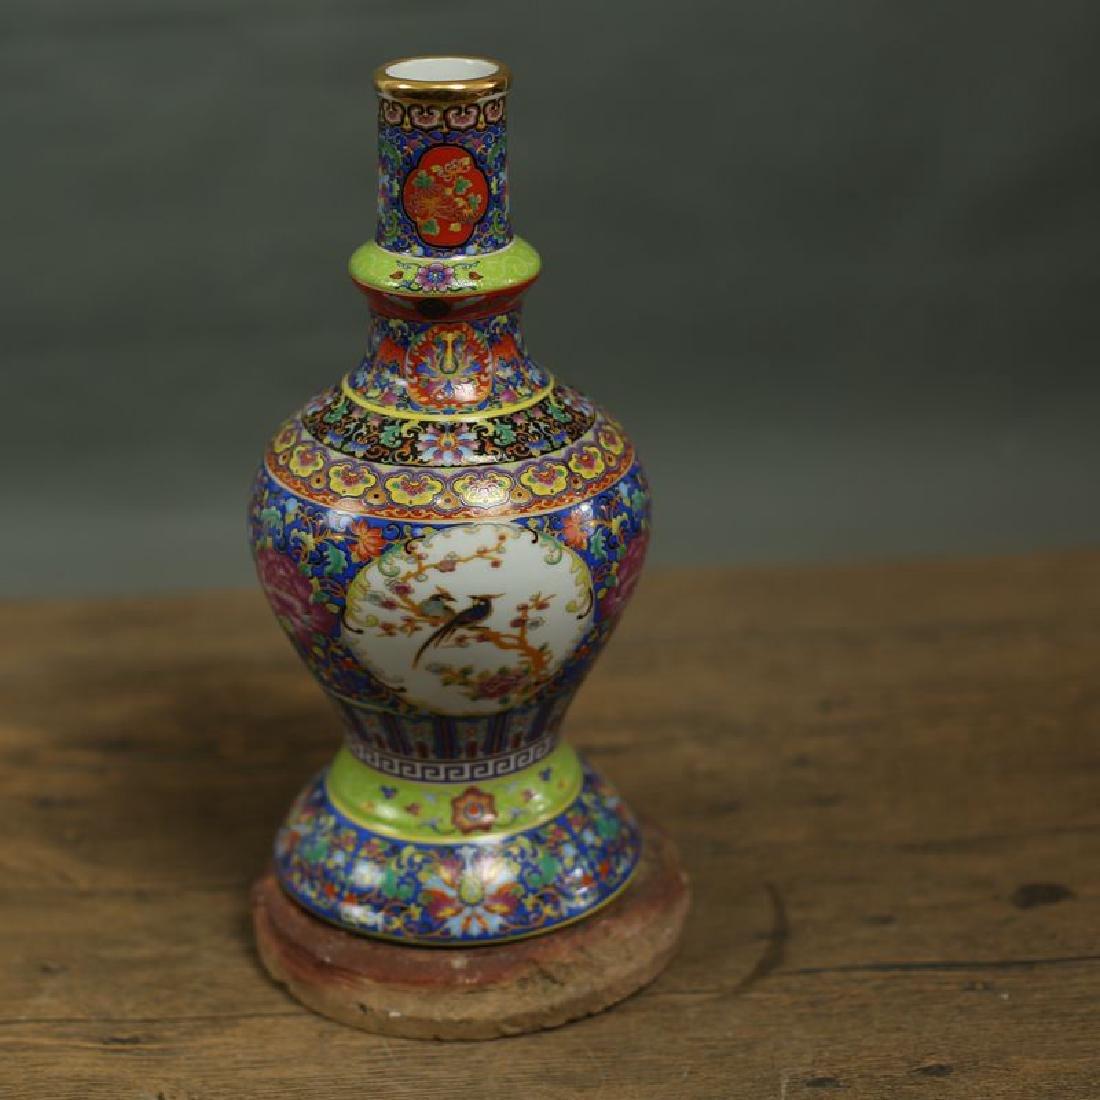 Chinese Qing Dynasty Yongzheng Time Jingdezhen Colorful - 2